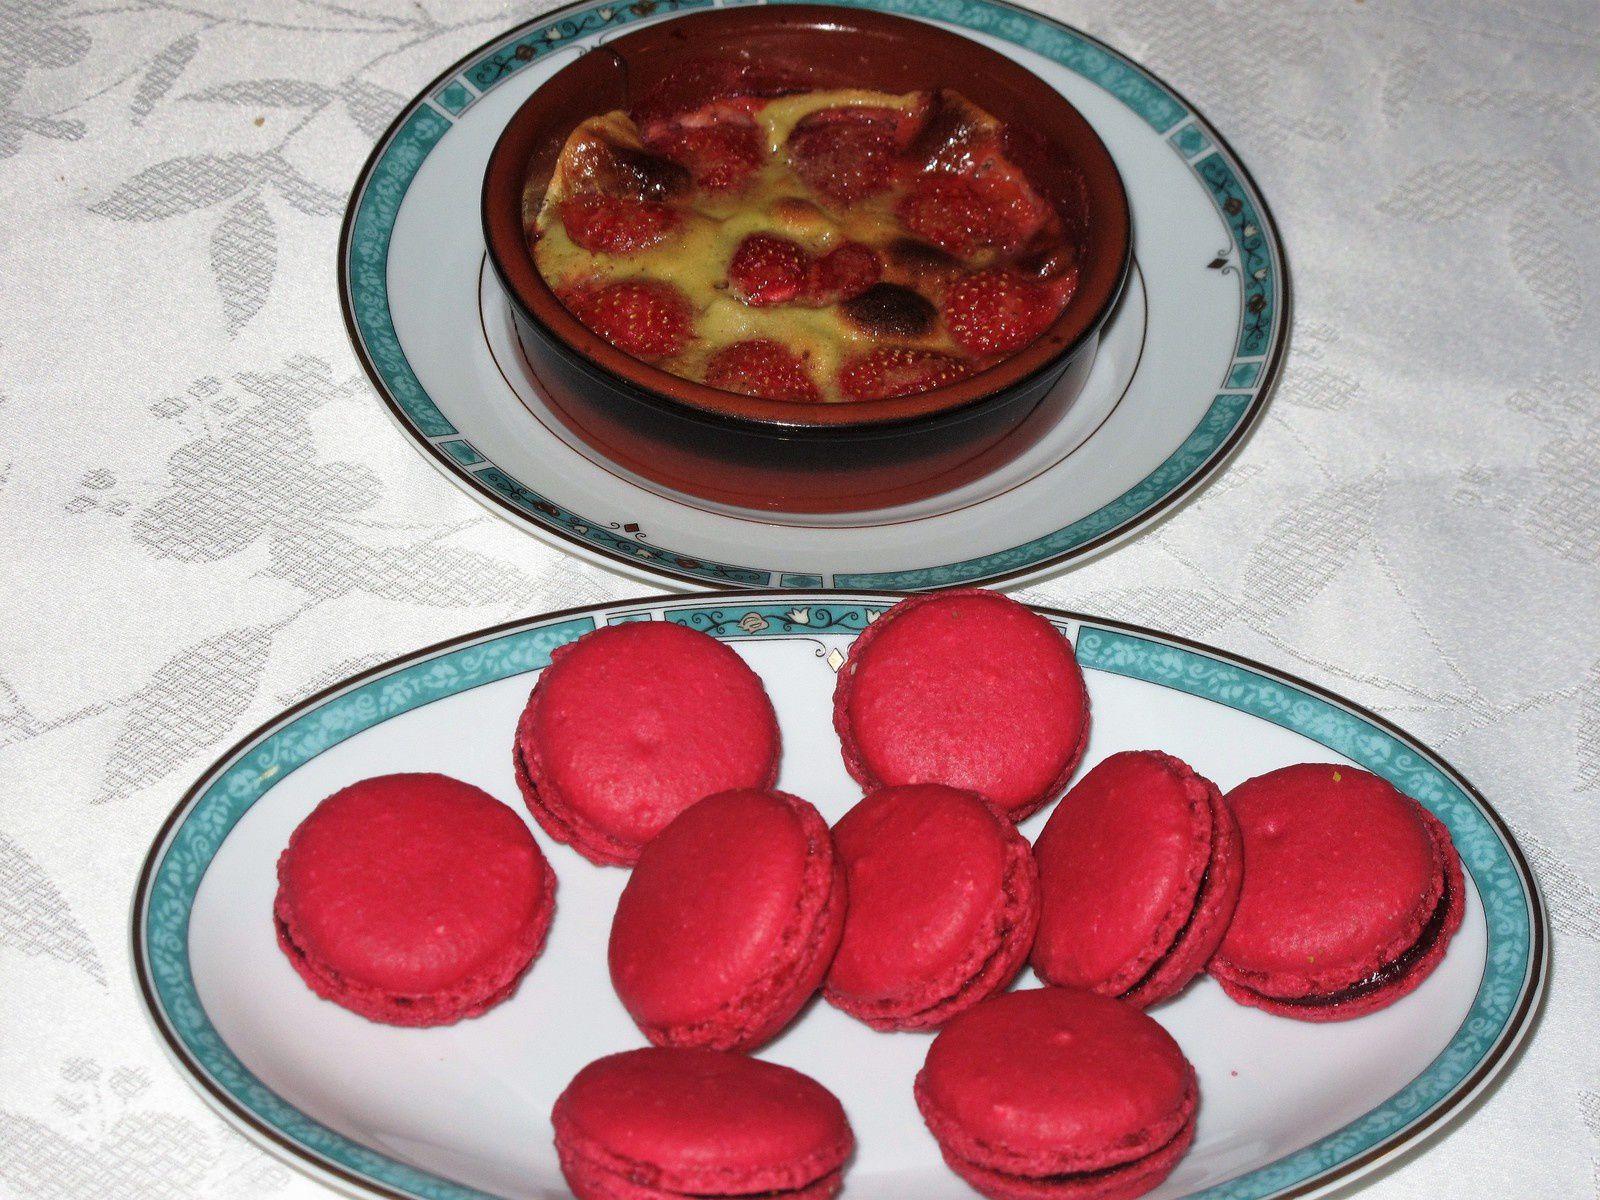 Dégustation-repas avec Beaufort-Lamiable-Bründlmayer-Meo-Chave-Pradeaux-Foreau